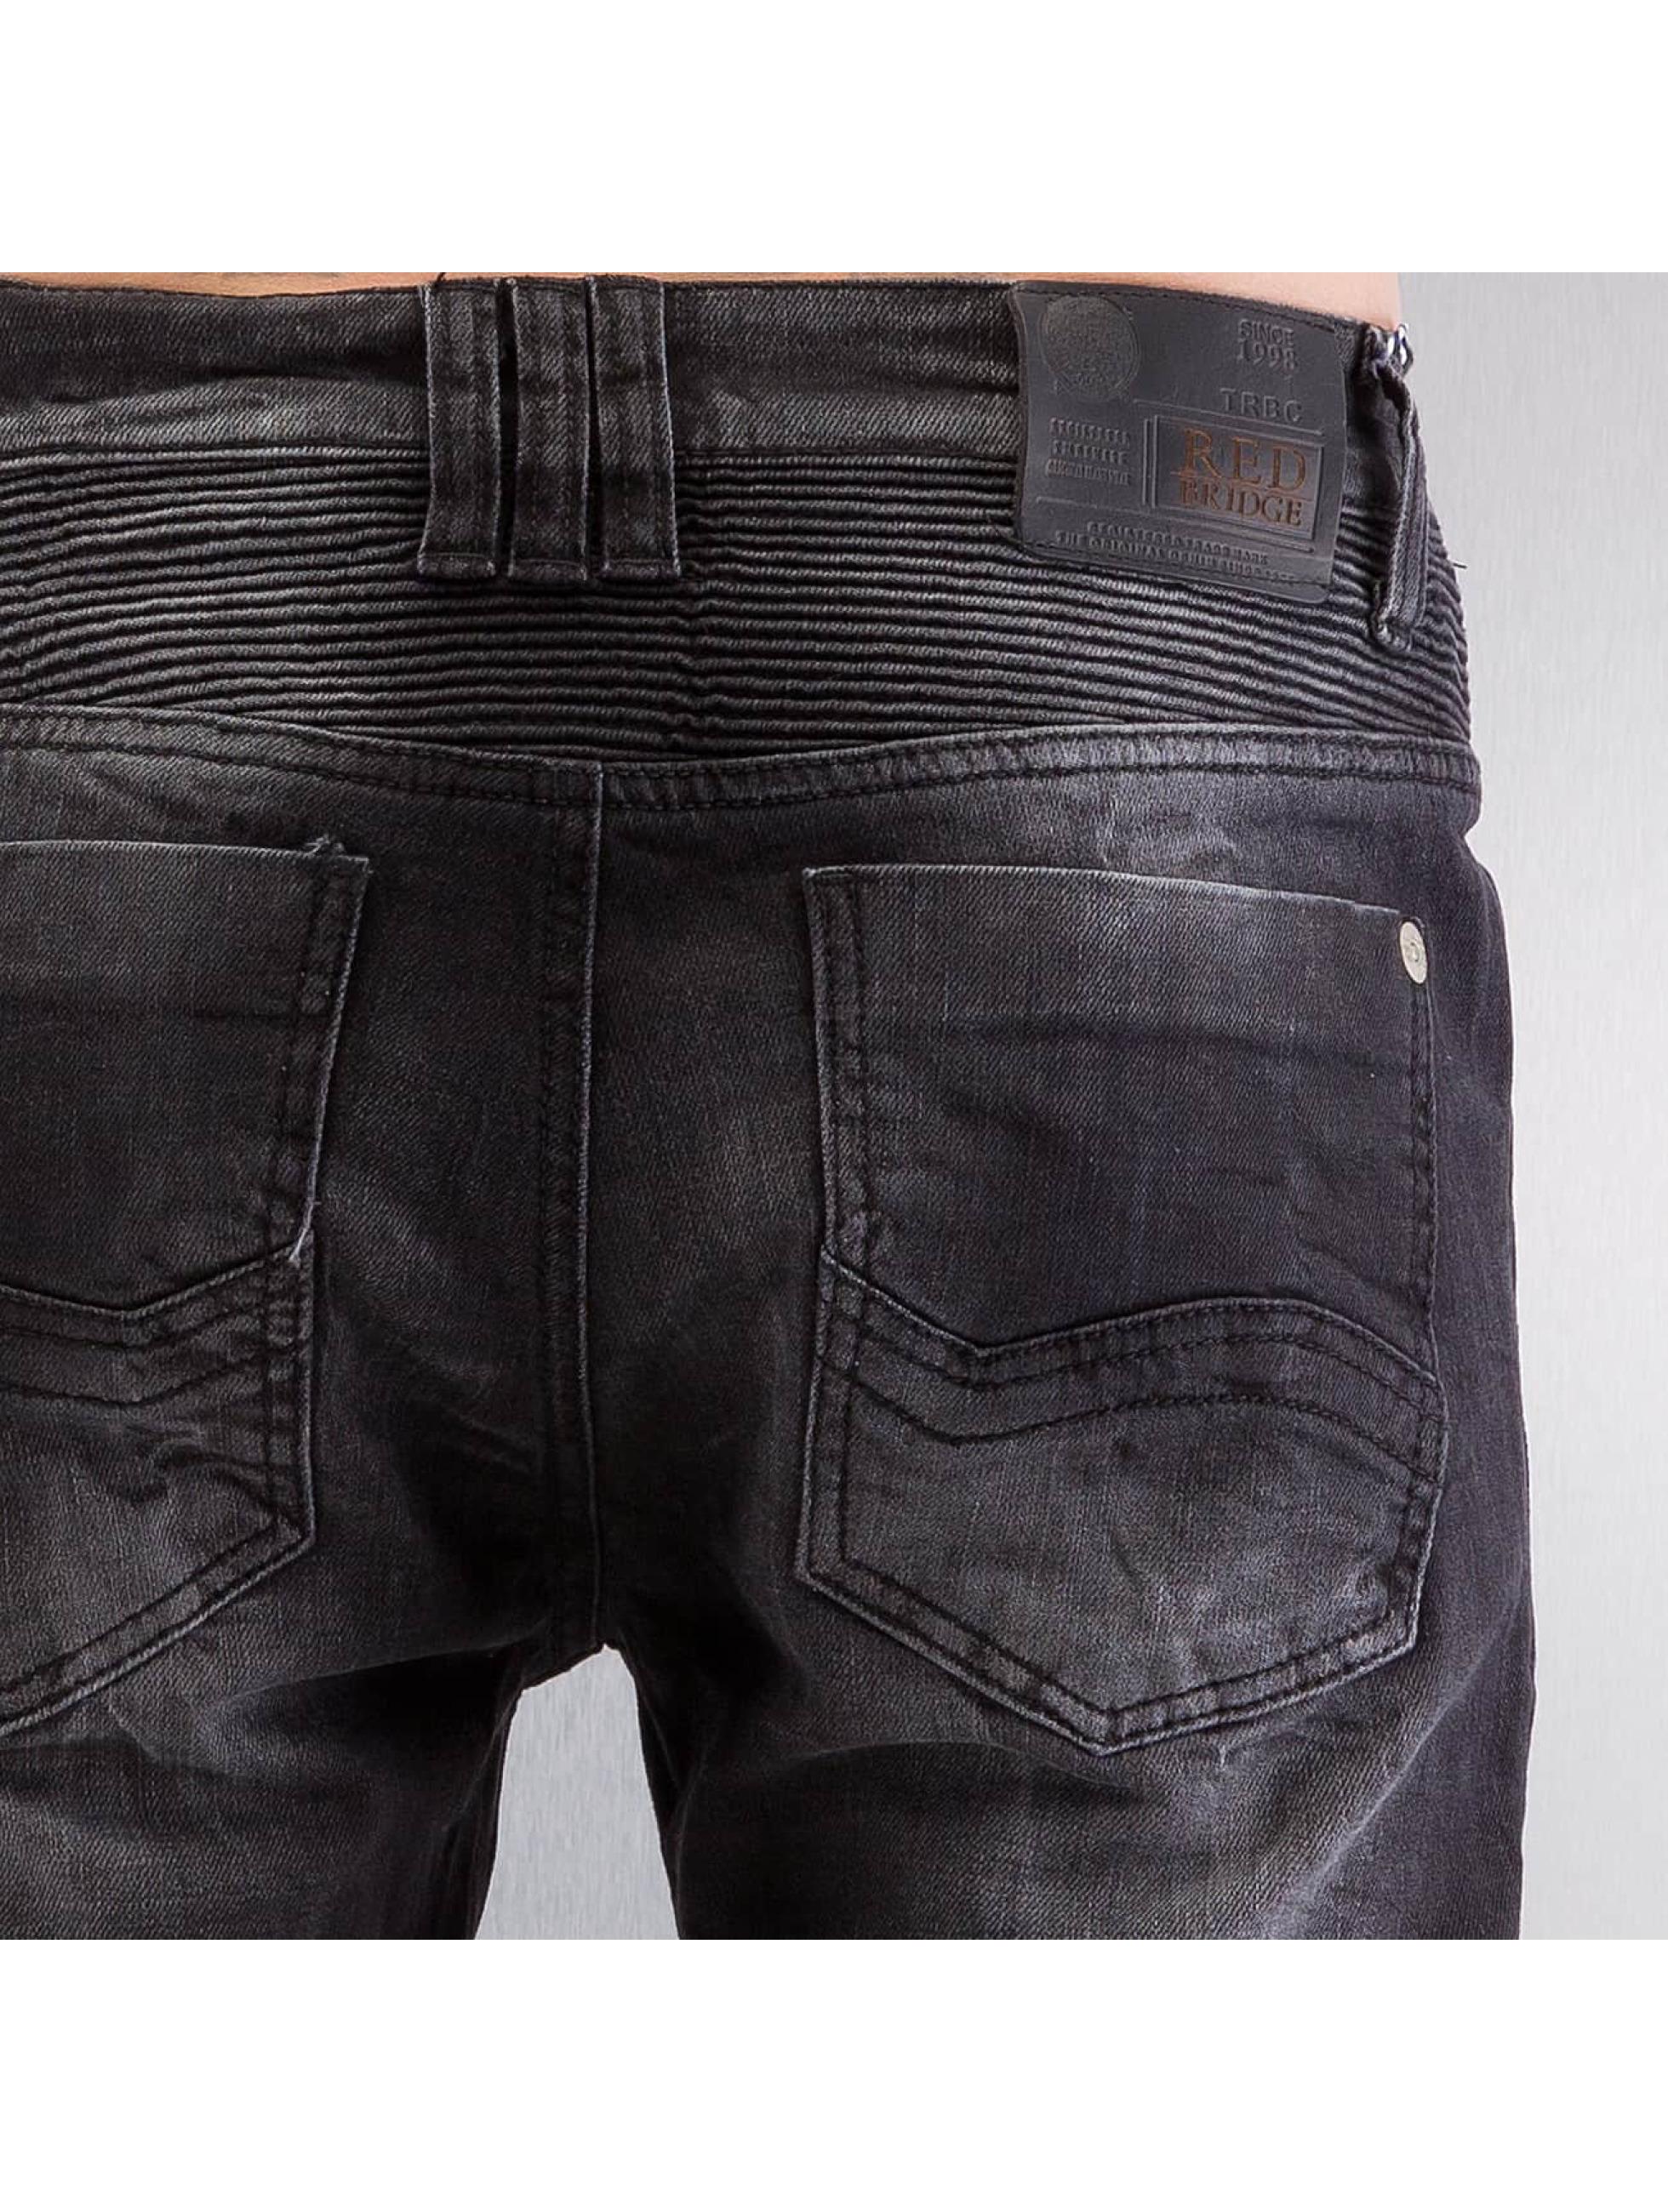 Red Bridge Jeans ajustado Quilted negro